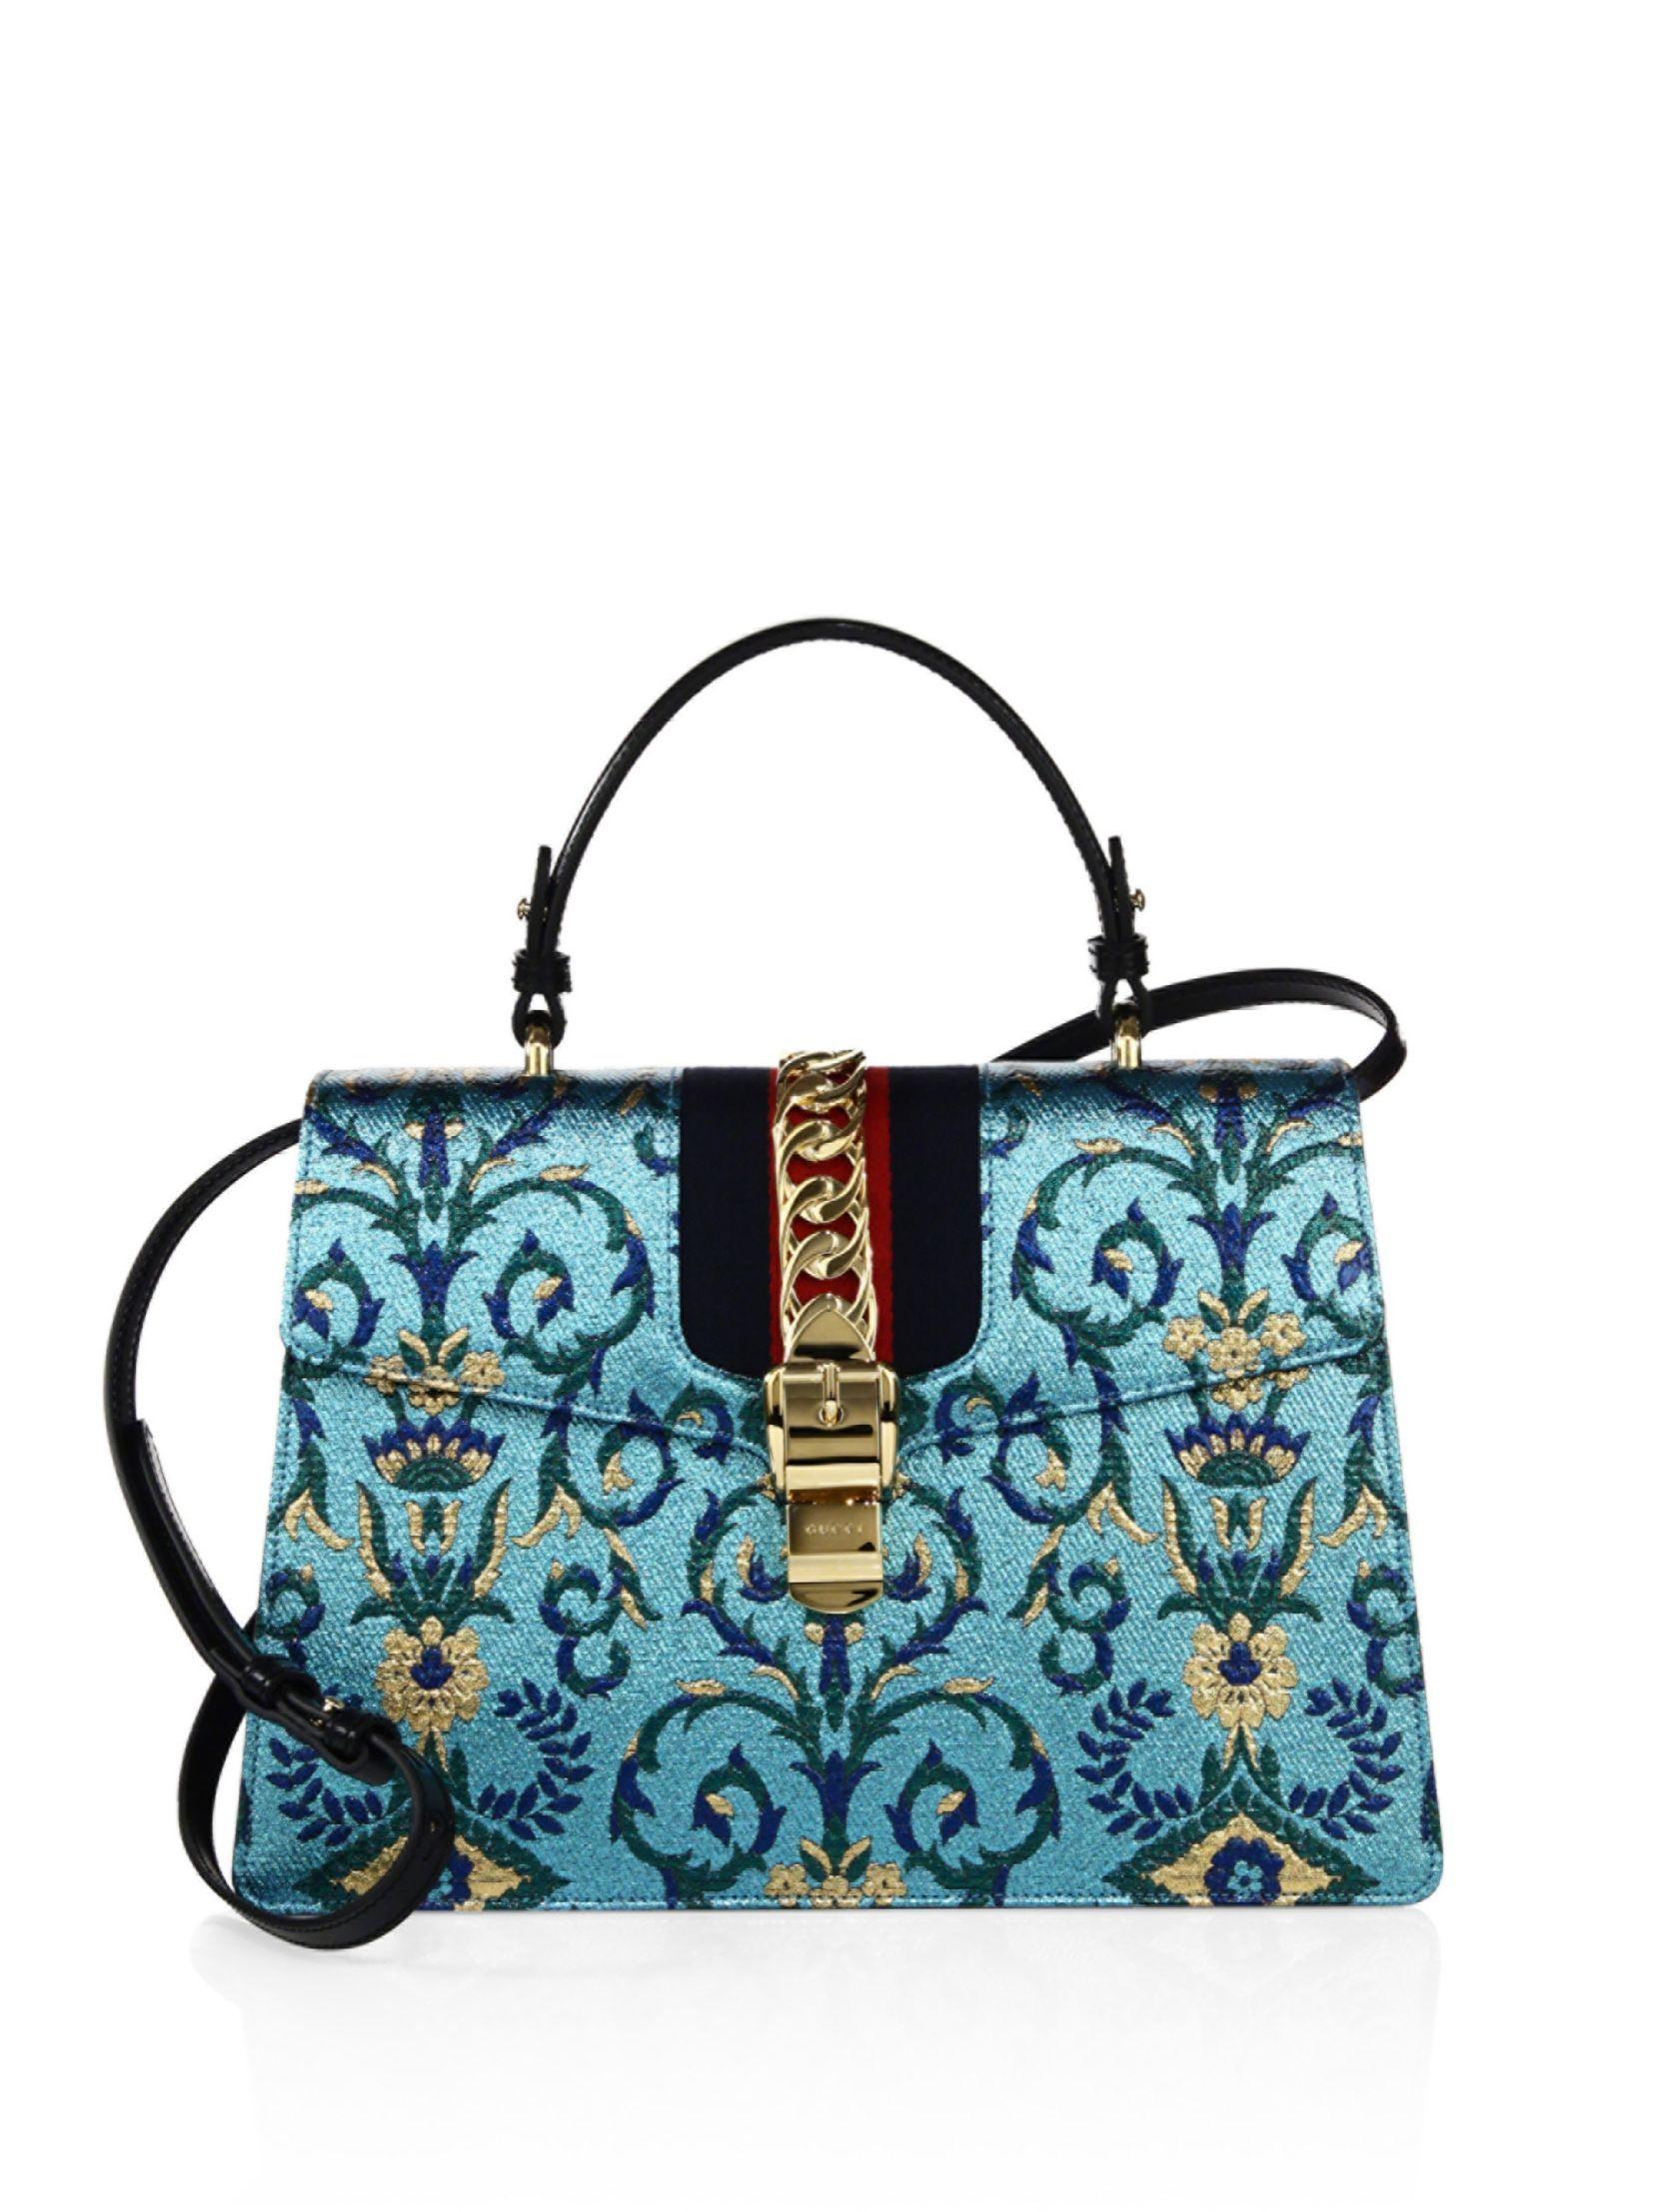 Gucci Sylvie Mini Brocade Top-Handle Bag swgPYeZ